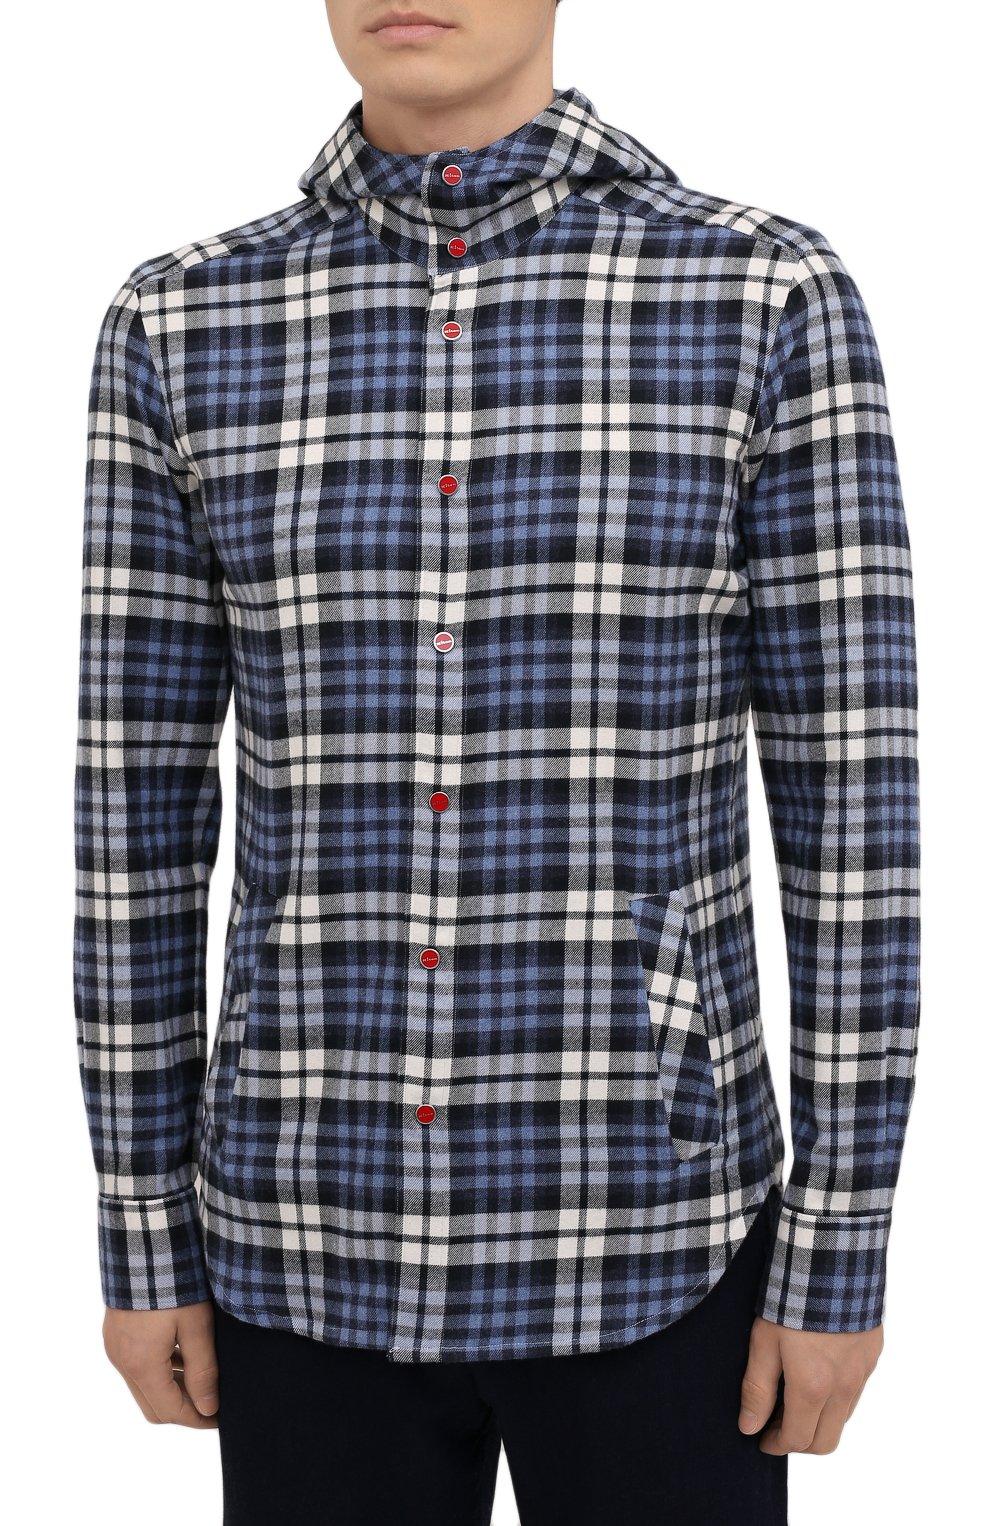 Мужская хлопковая рубашка KITON синего цвета, арт. UMCMARH0786907   Фото 3 (Принт: Клетка; Воротник: С капюшоном; Рукава: Длинные; Рубашки М: Regular Fit; Манжеты: На кнопках; Случай: Повседневный; Длина (для топов): Стандартные; Материал внешний: Хлопок; Стили: Кэжуэл)